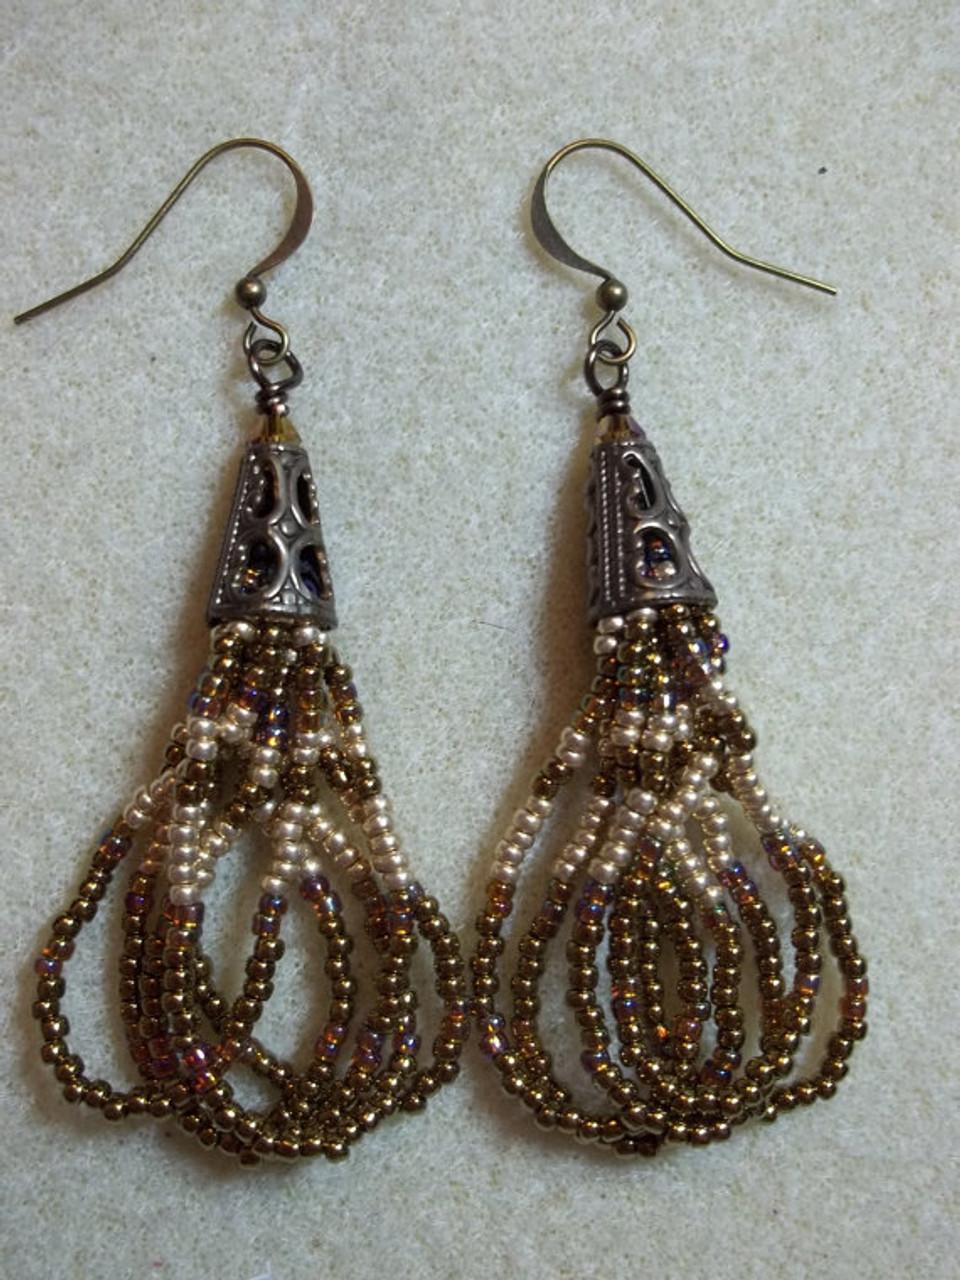 Sassy Senorita Earrings Tutorial